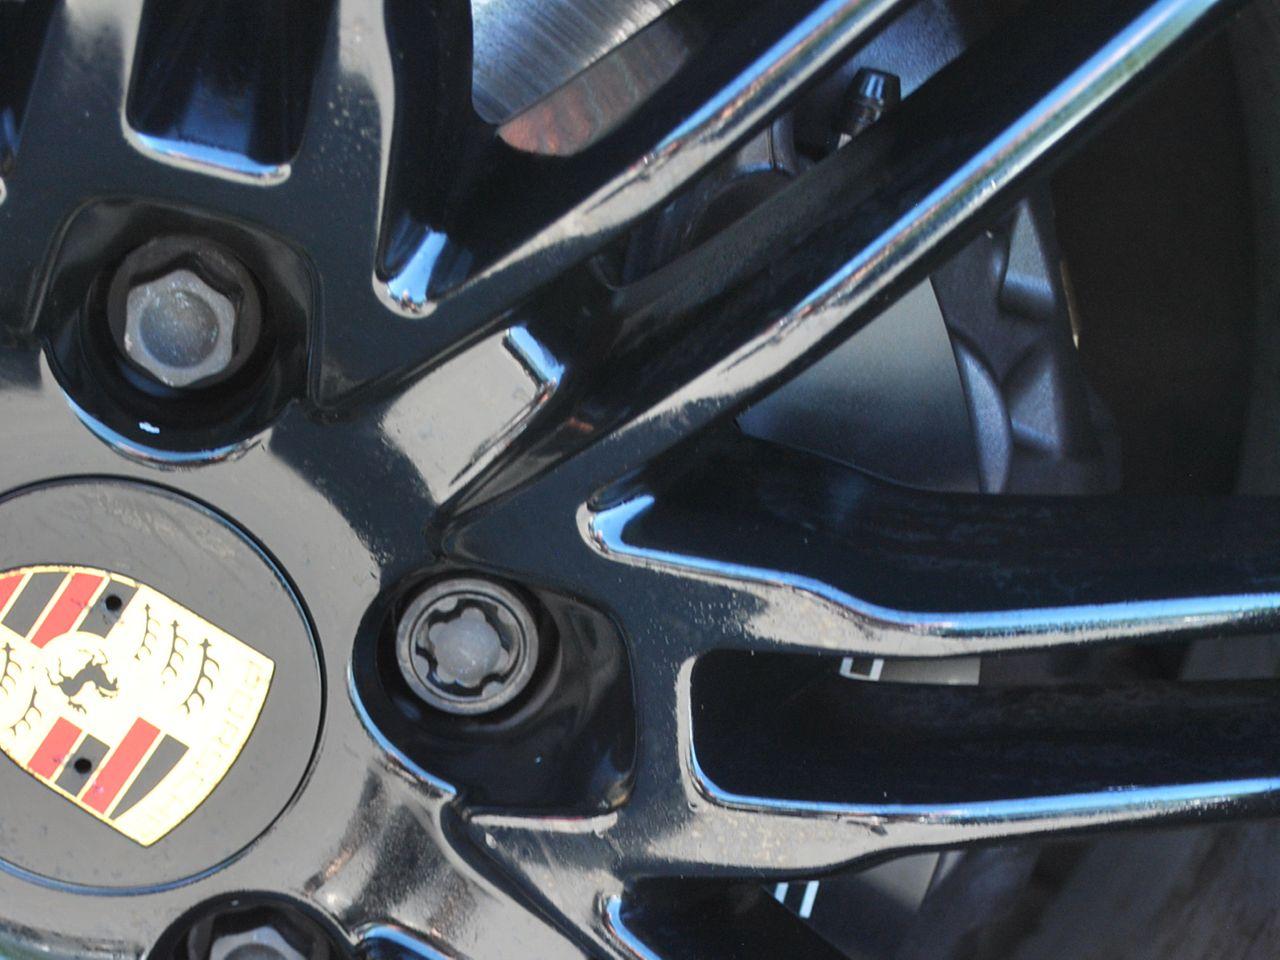 Cayenne D V6 TIPTRONIC S (23) image 16